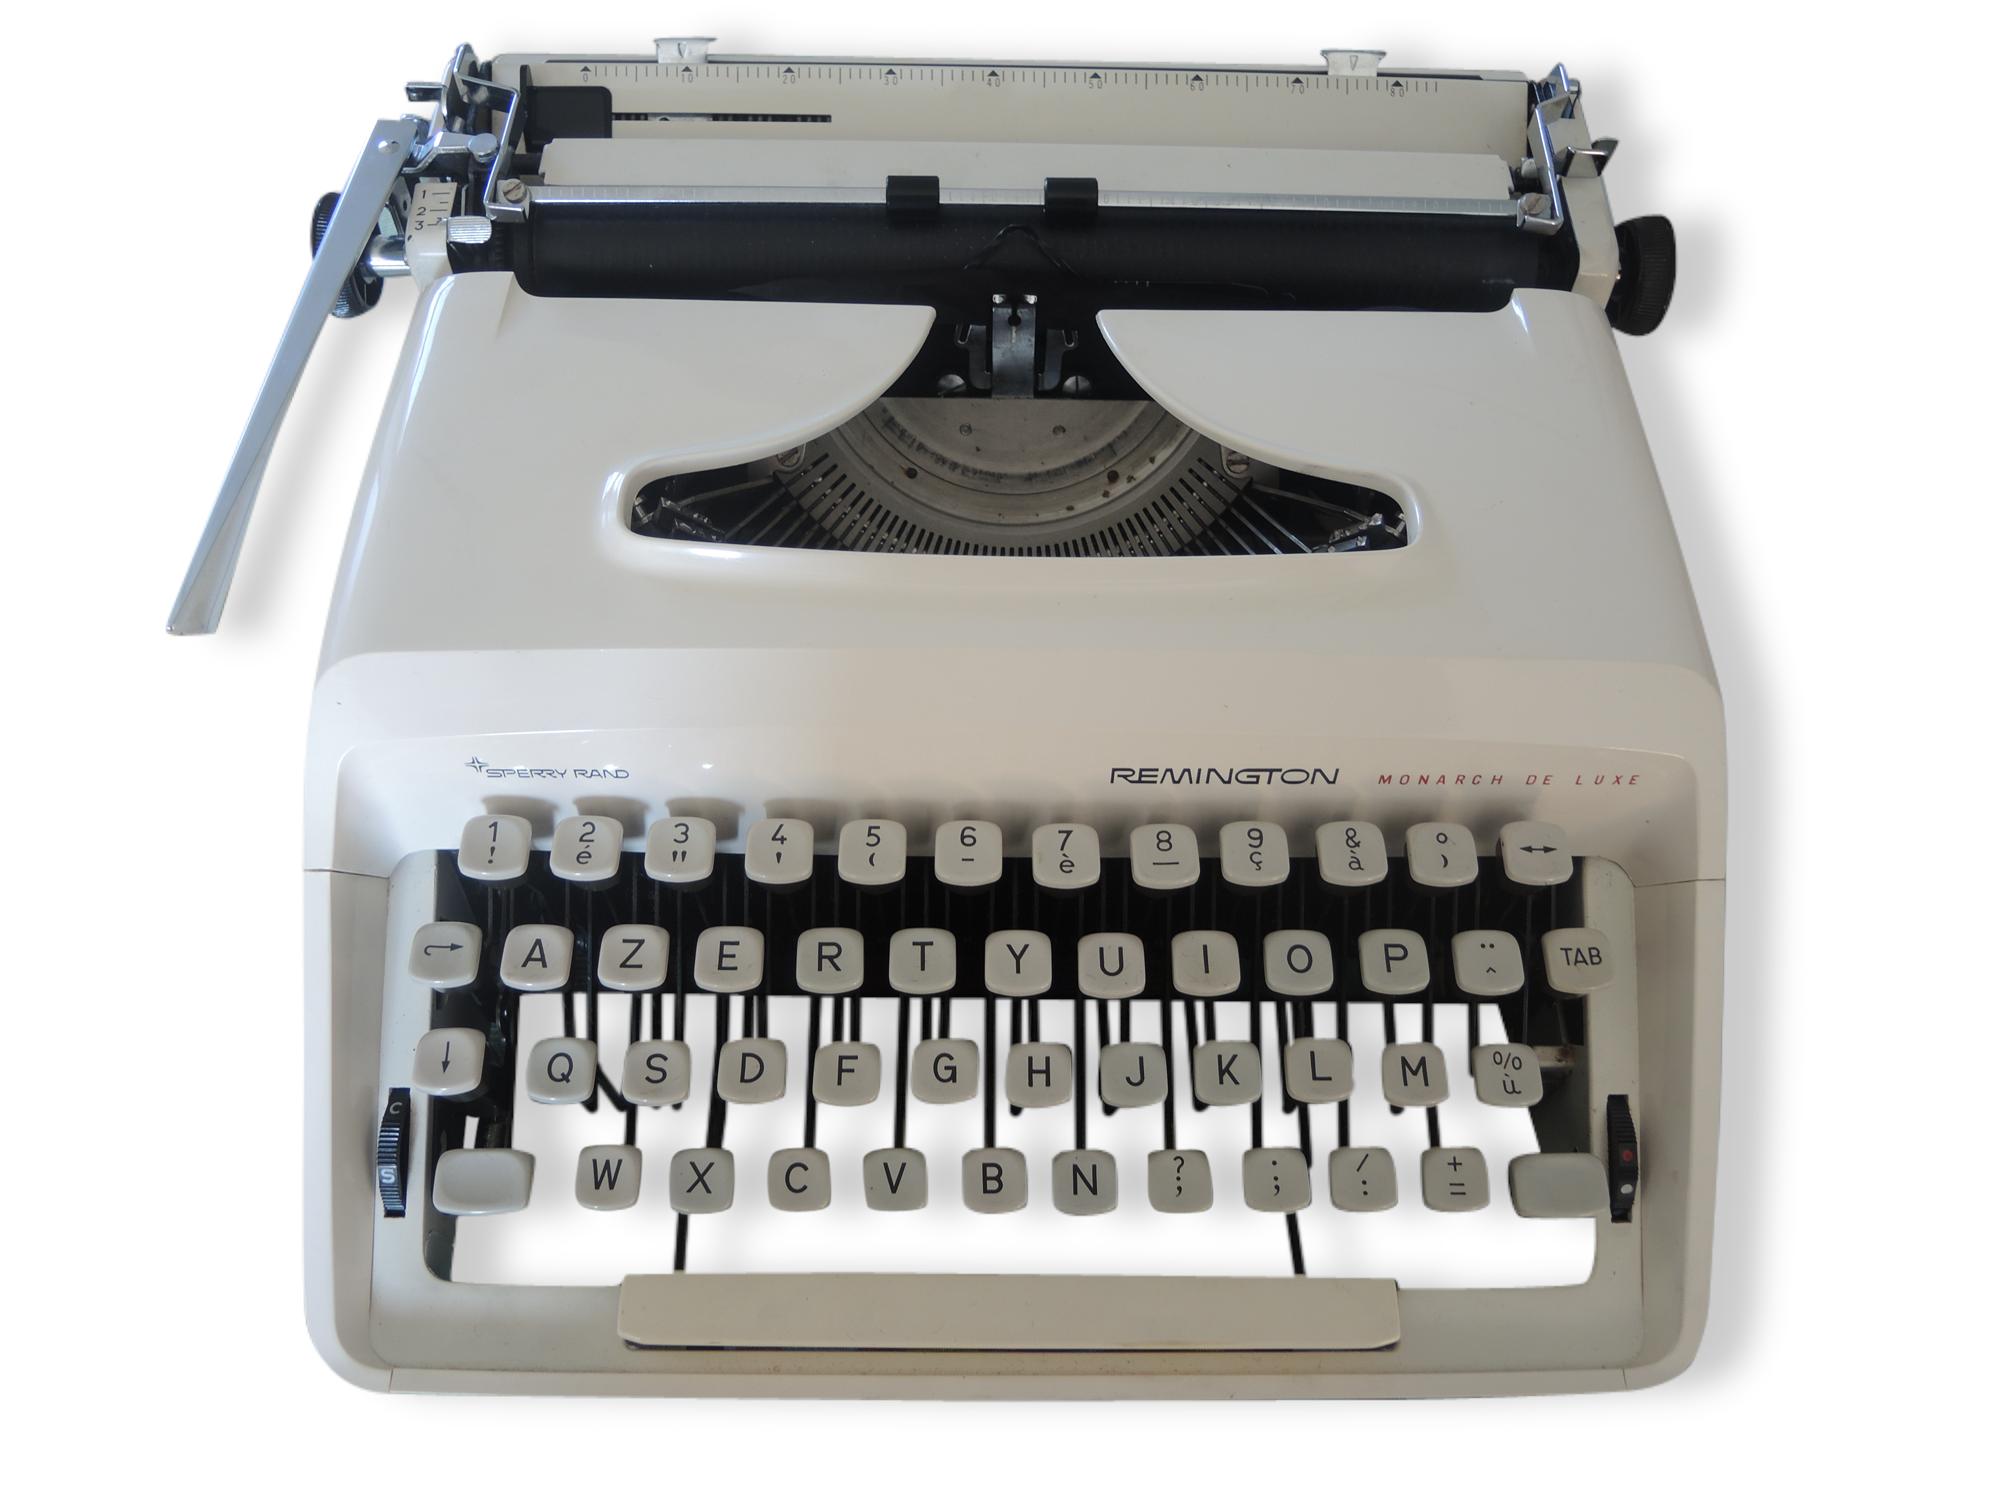 Machine à écrire remington monarch de luxe sperry rand